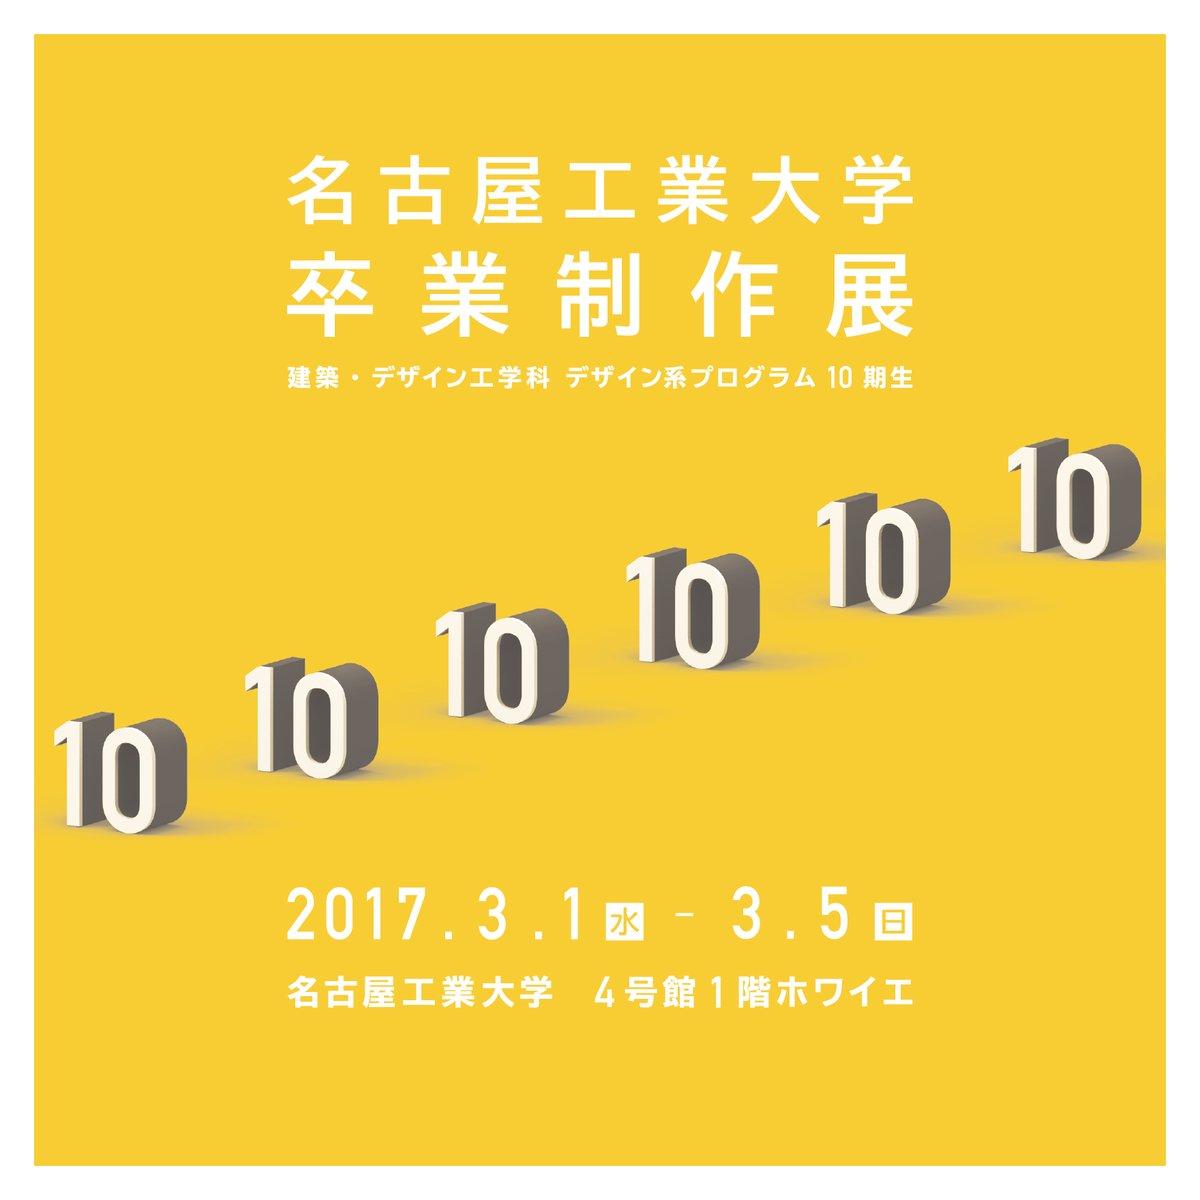 10期生の卒業制作展